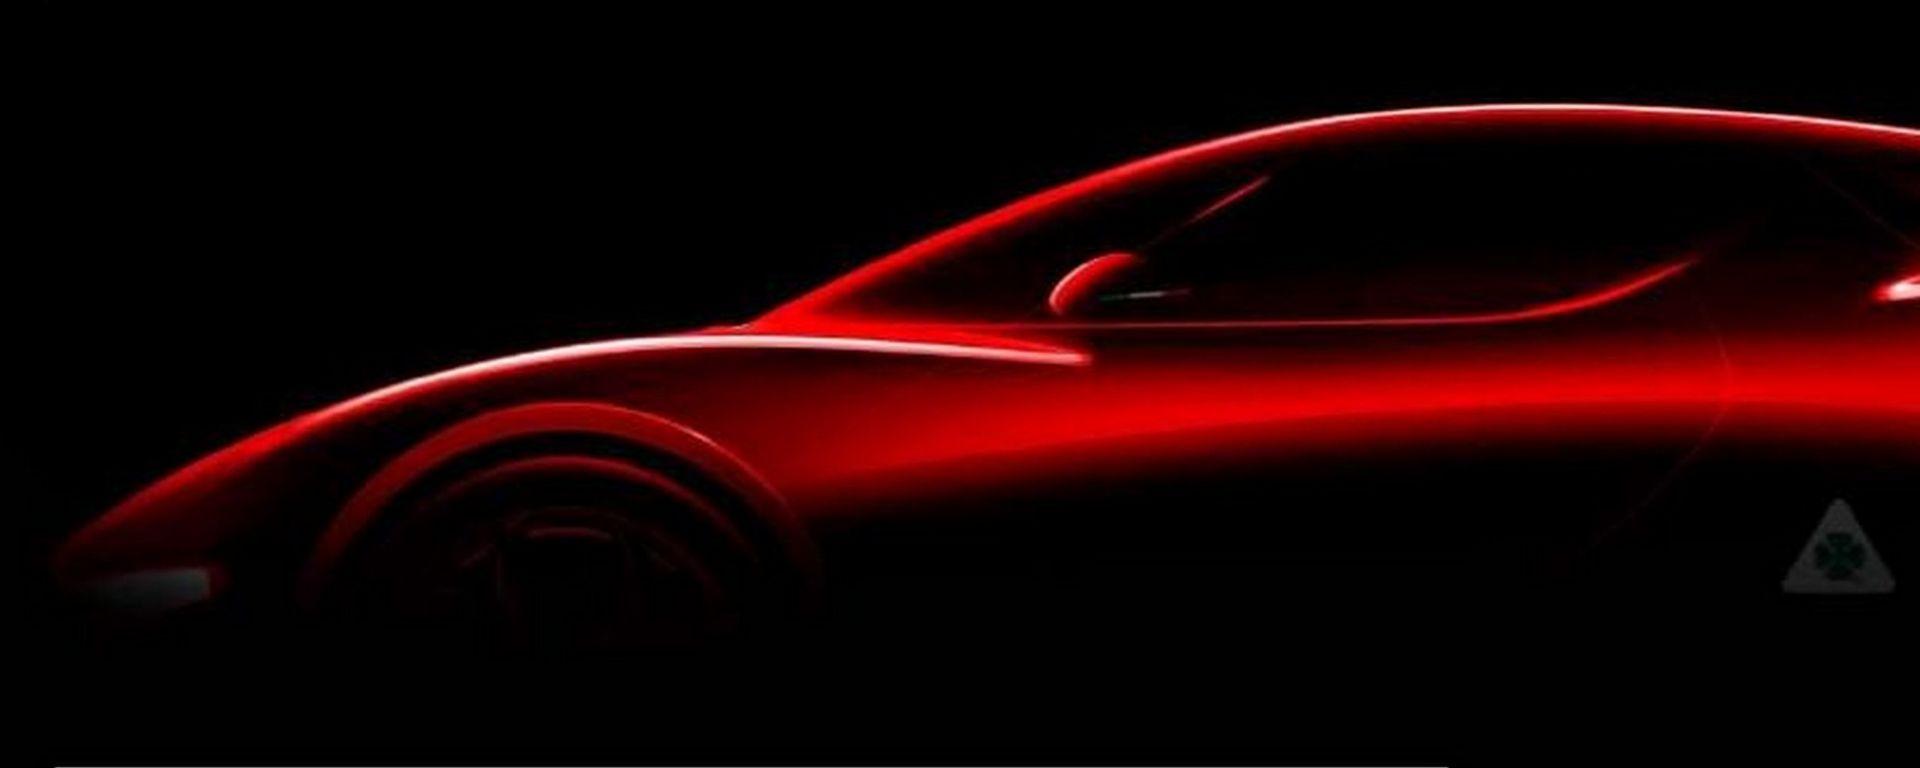 Alfa Romeo: in futuro GTV, 8C e nuova Giulietta. Più due Suv